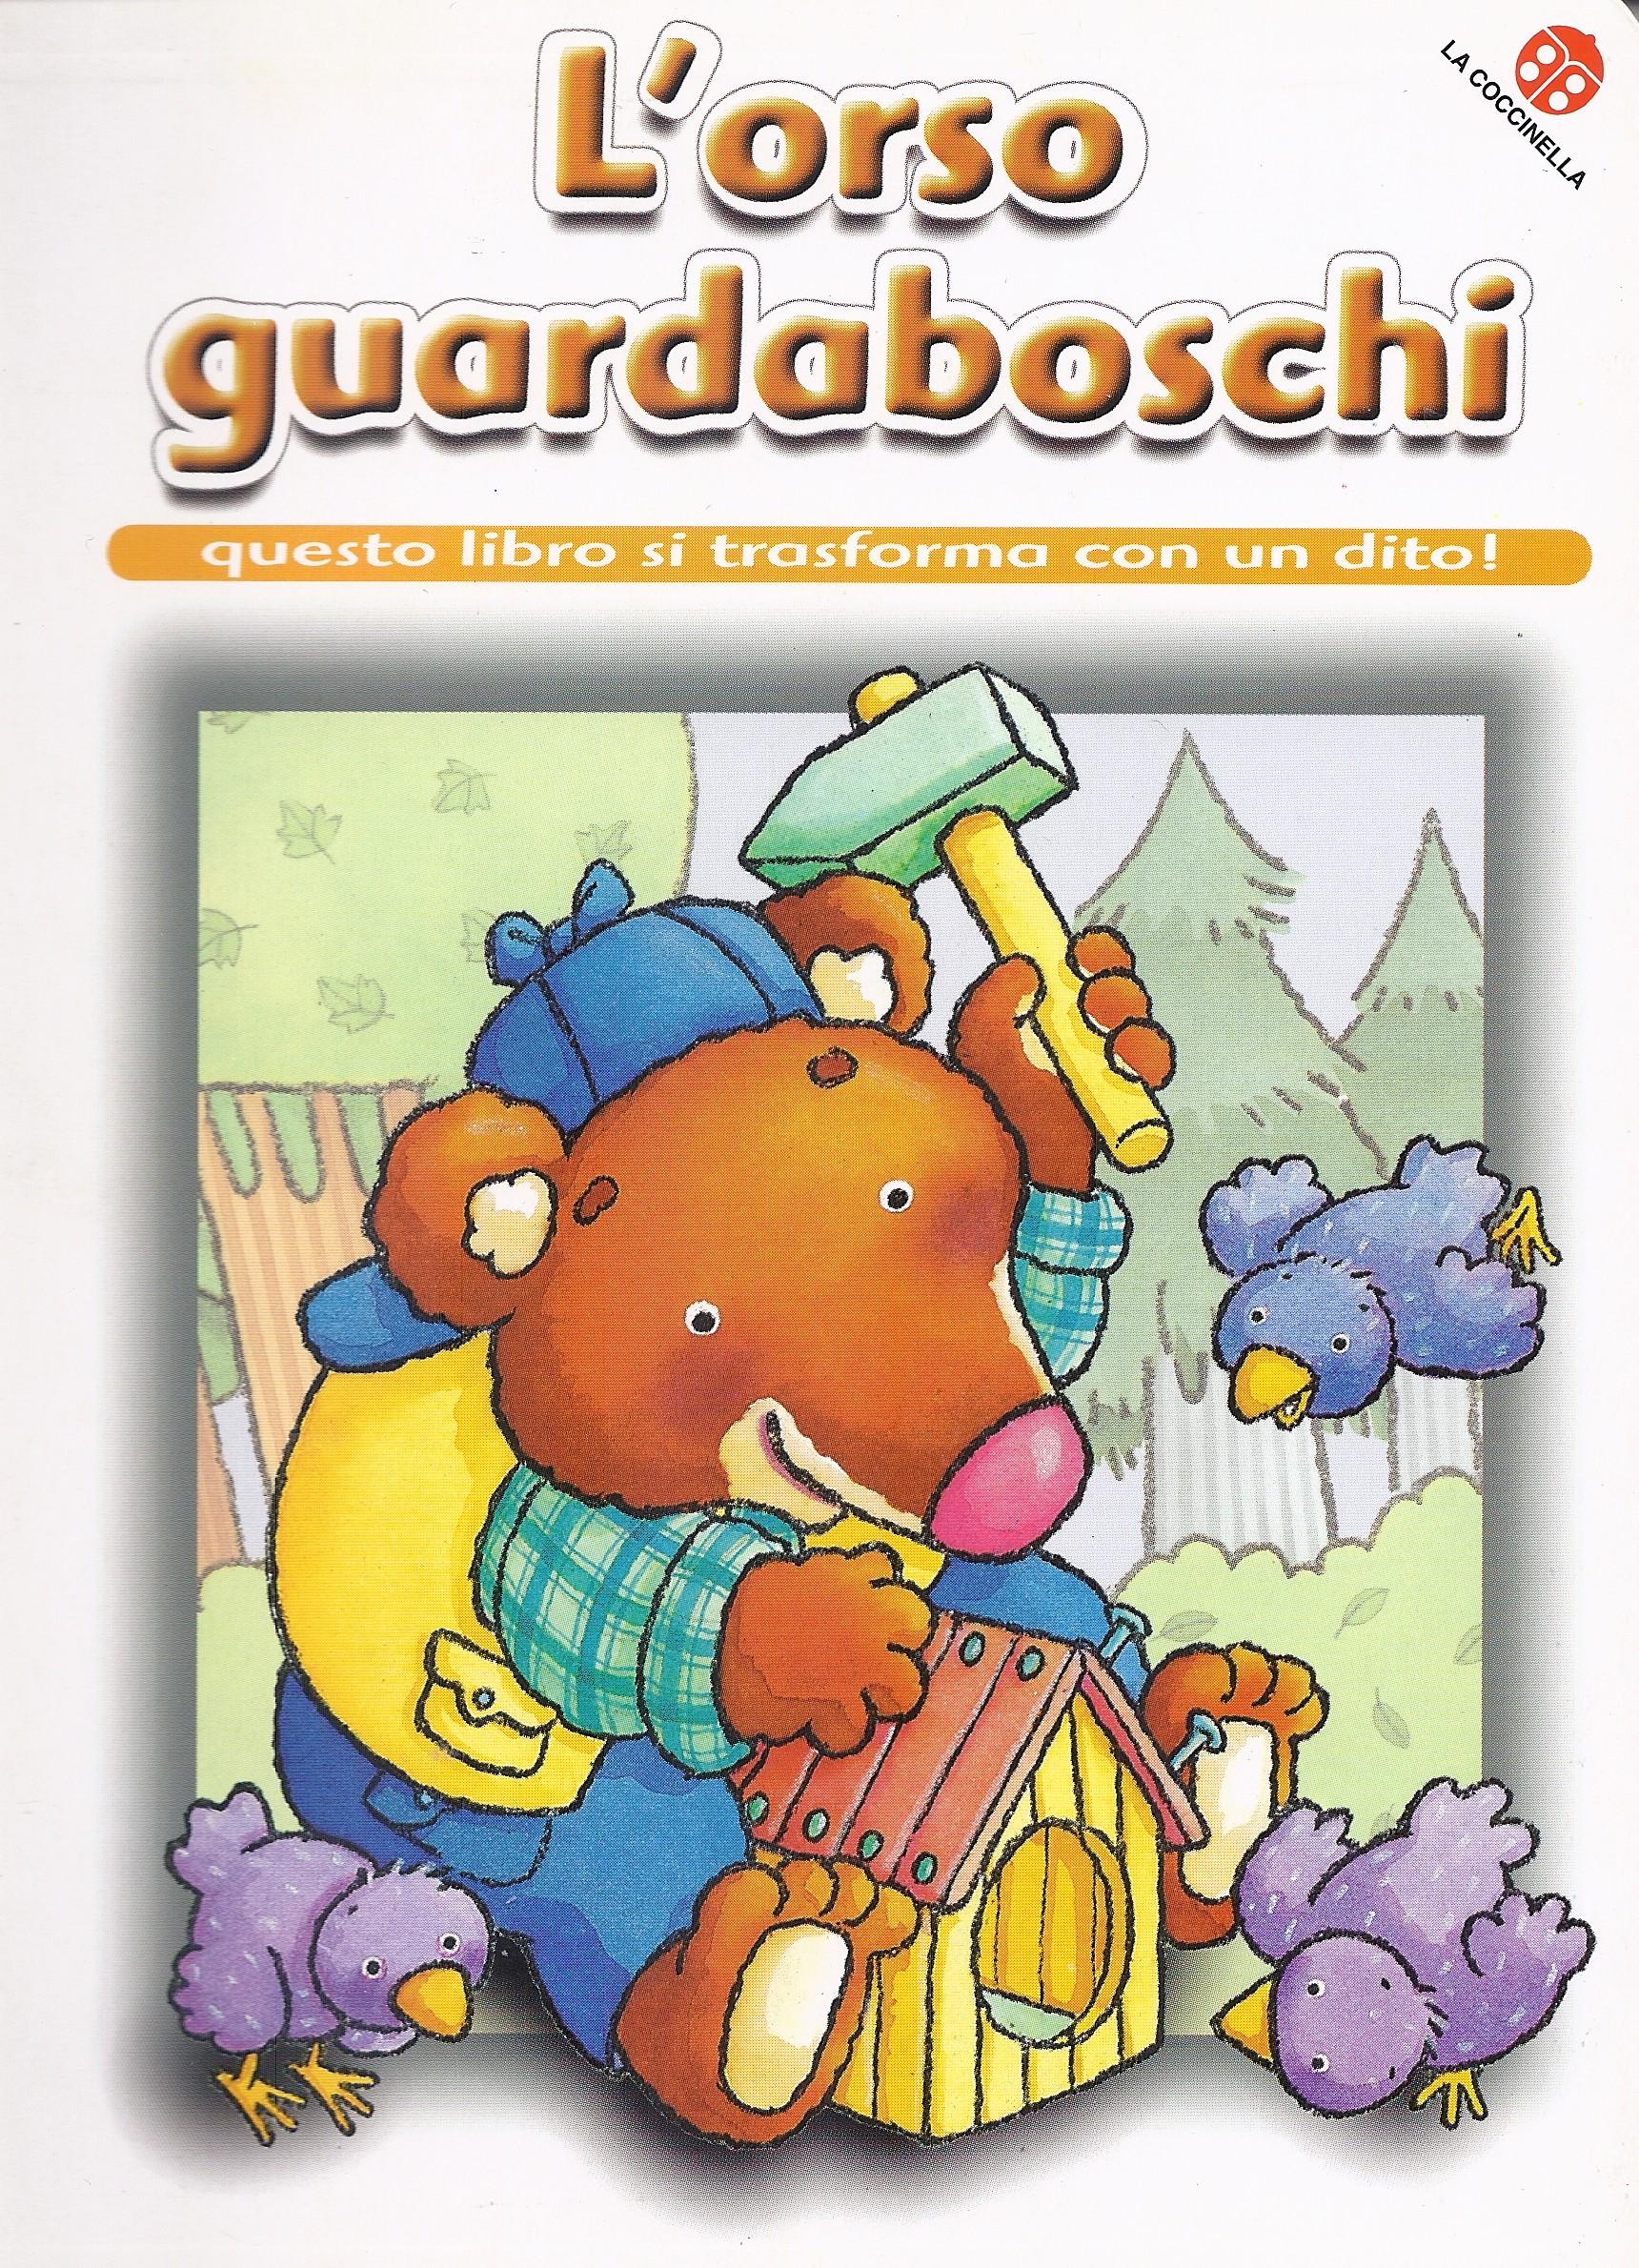 L'orso guardaboschi